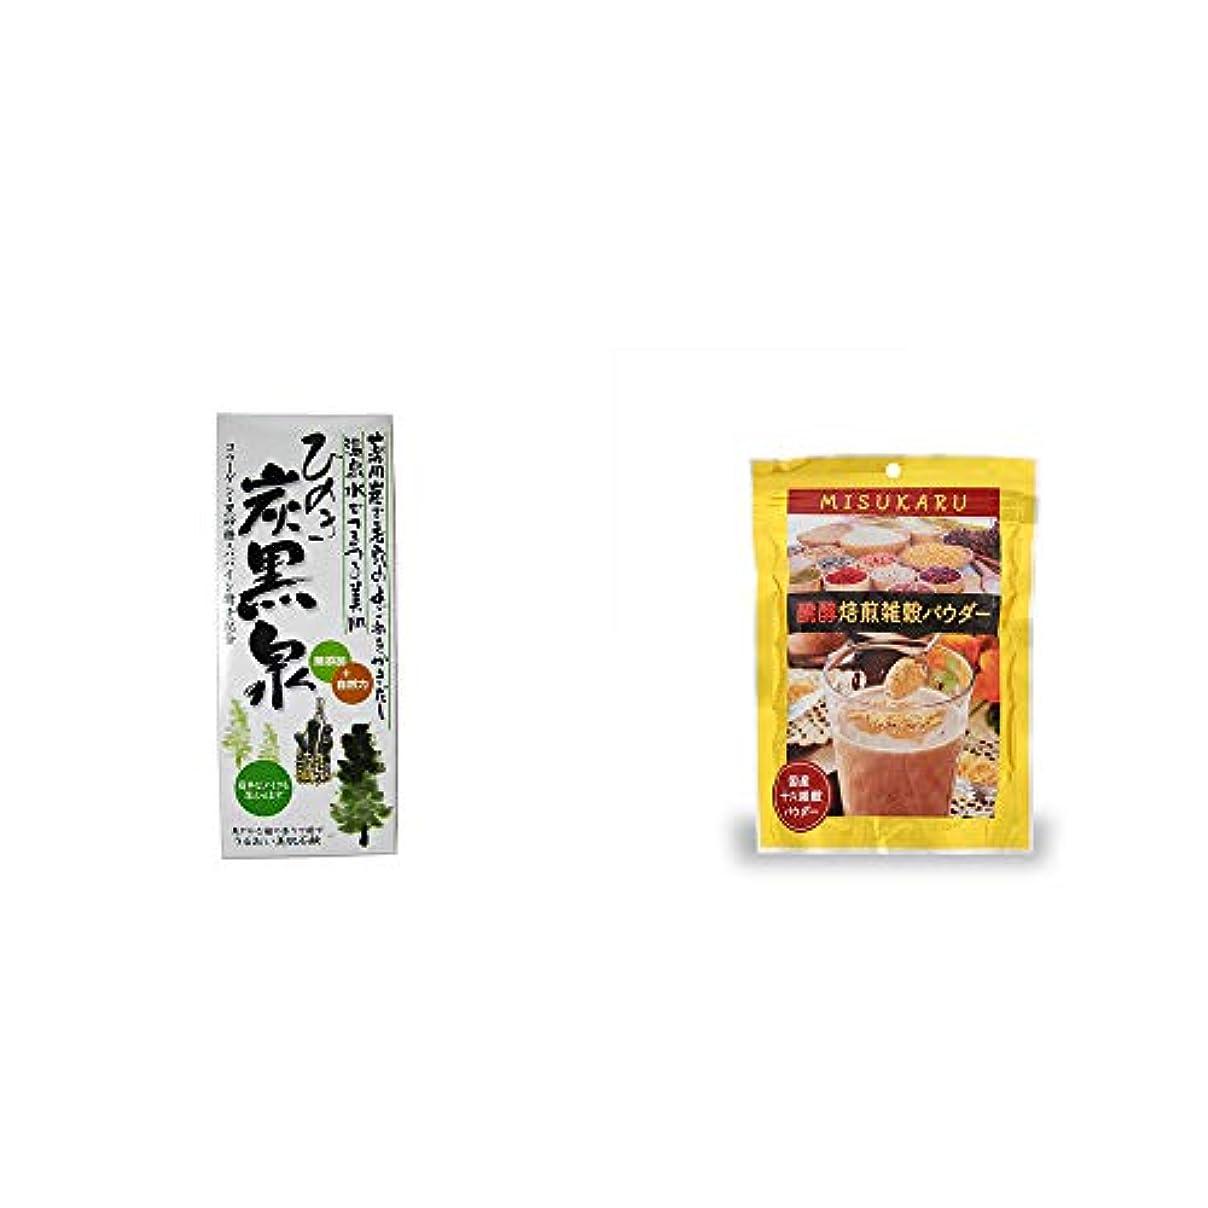 送金広大な受け入れる[2点セット] ひのき炭黒泉 箱入り(75g×3)?醗酵焙煎雑穀パウダー MISUKARU(ミスカル)(200g)